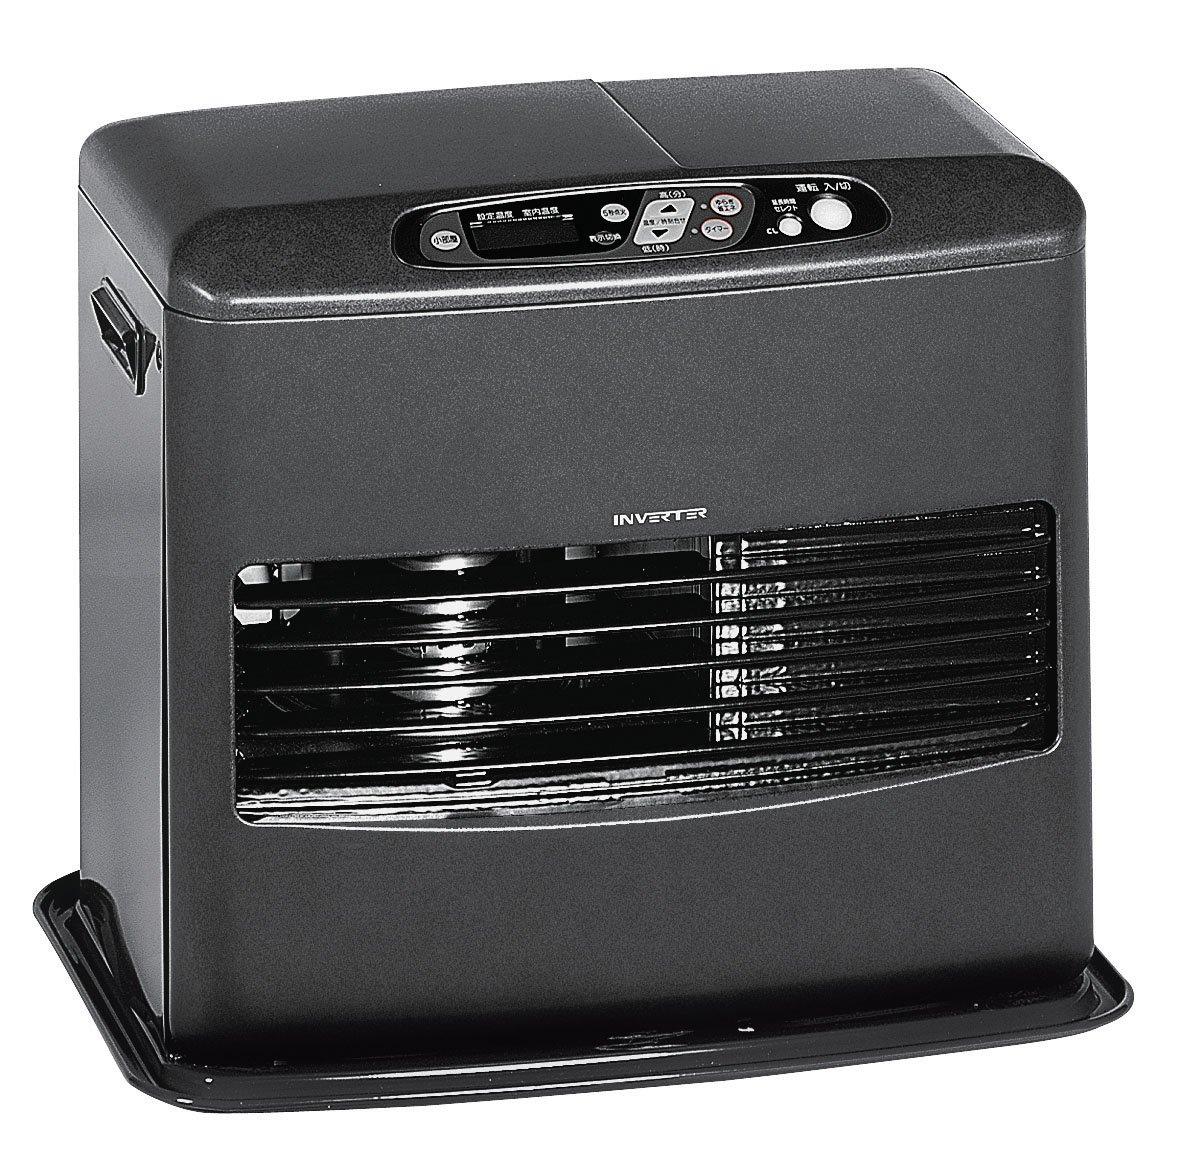 Inverter 5727 Poêle à Pétrole Electronique, 3200 W, Noir product image